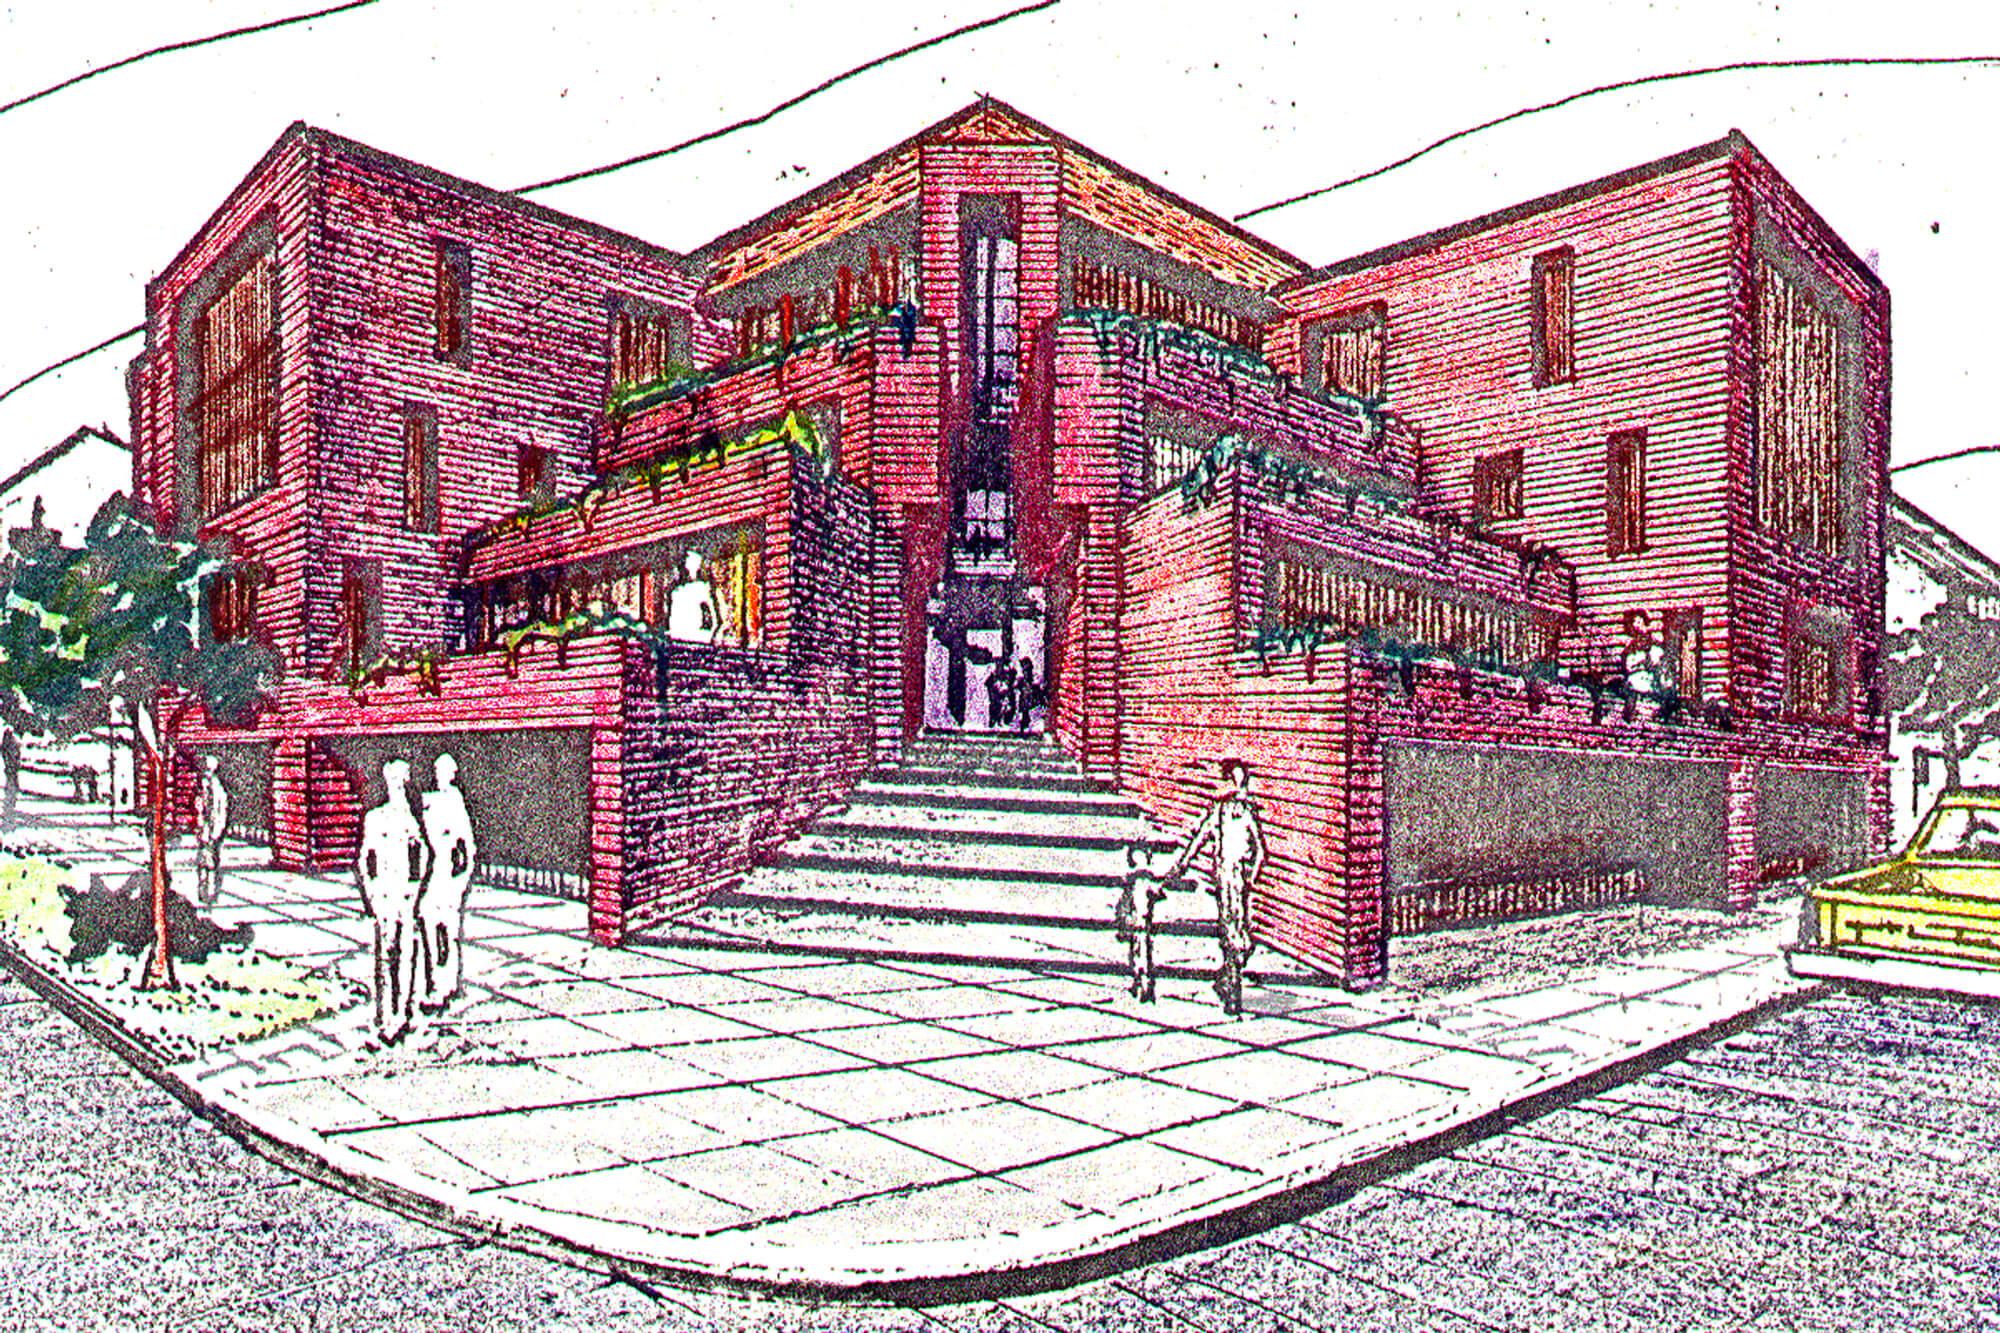 Perspectiva -Edificio viviendas aterrazadas- Necochea